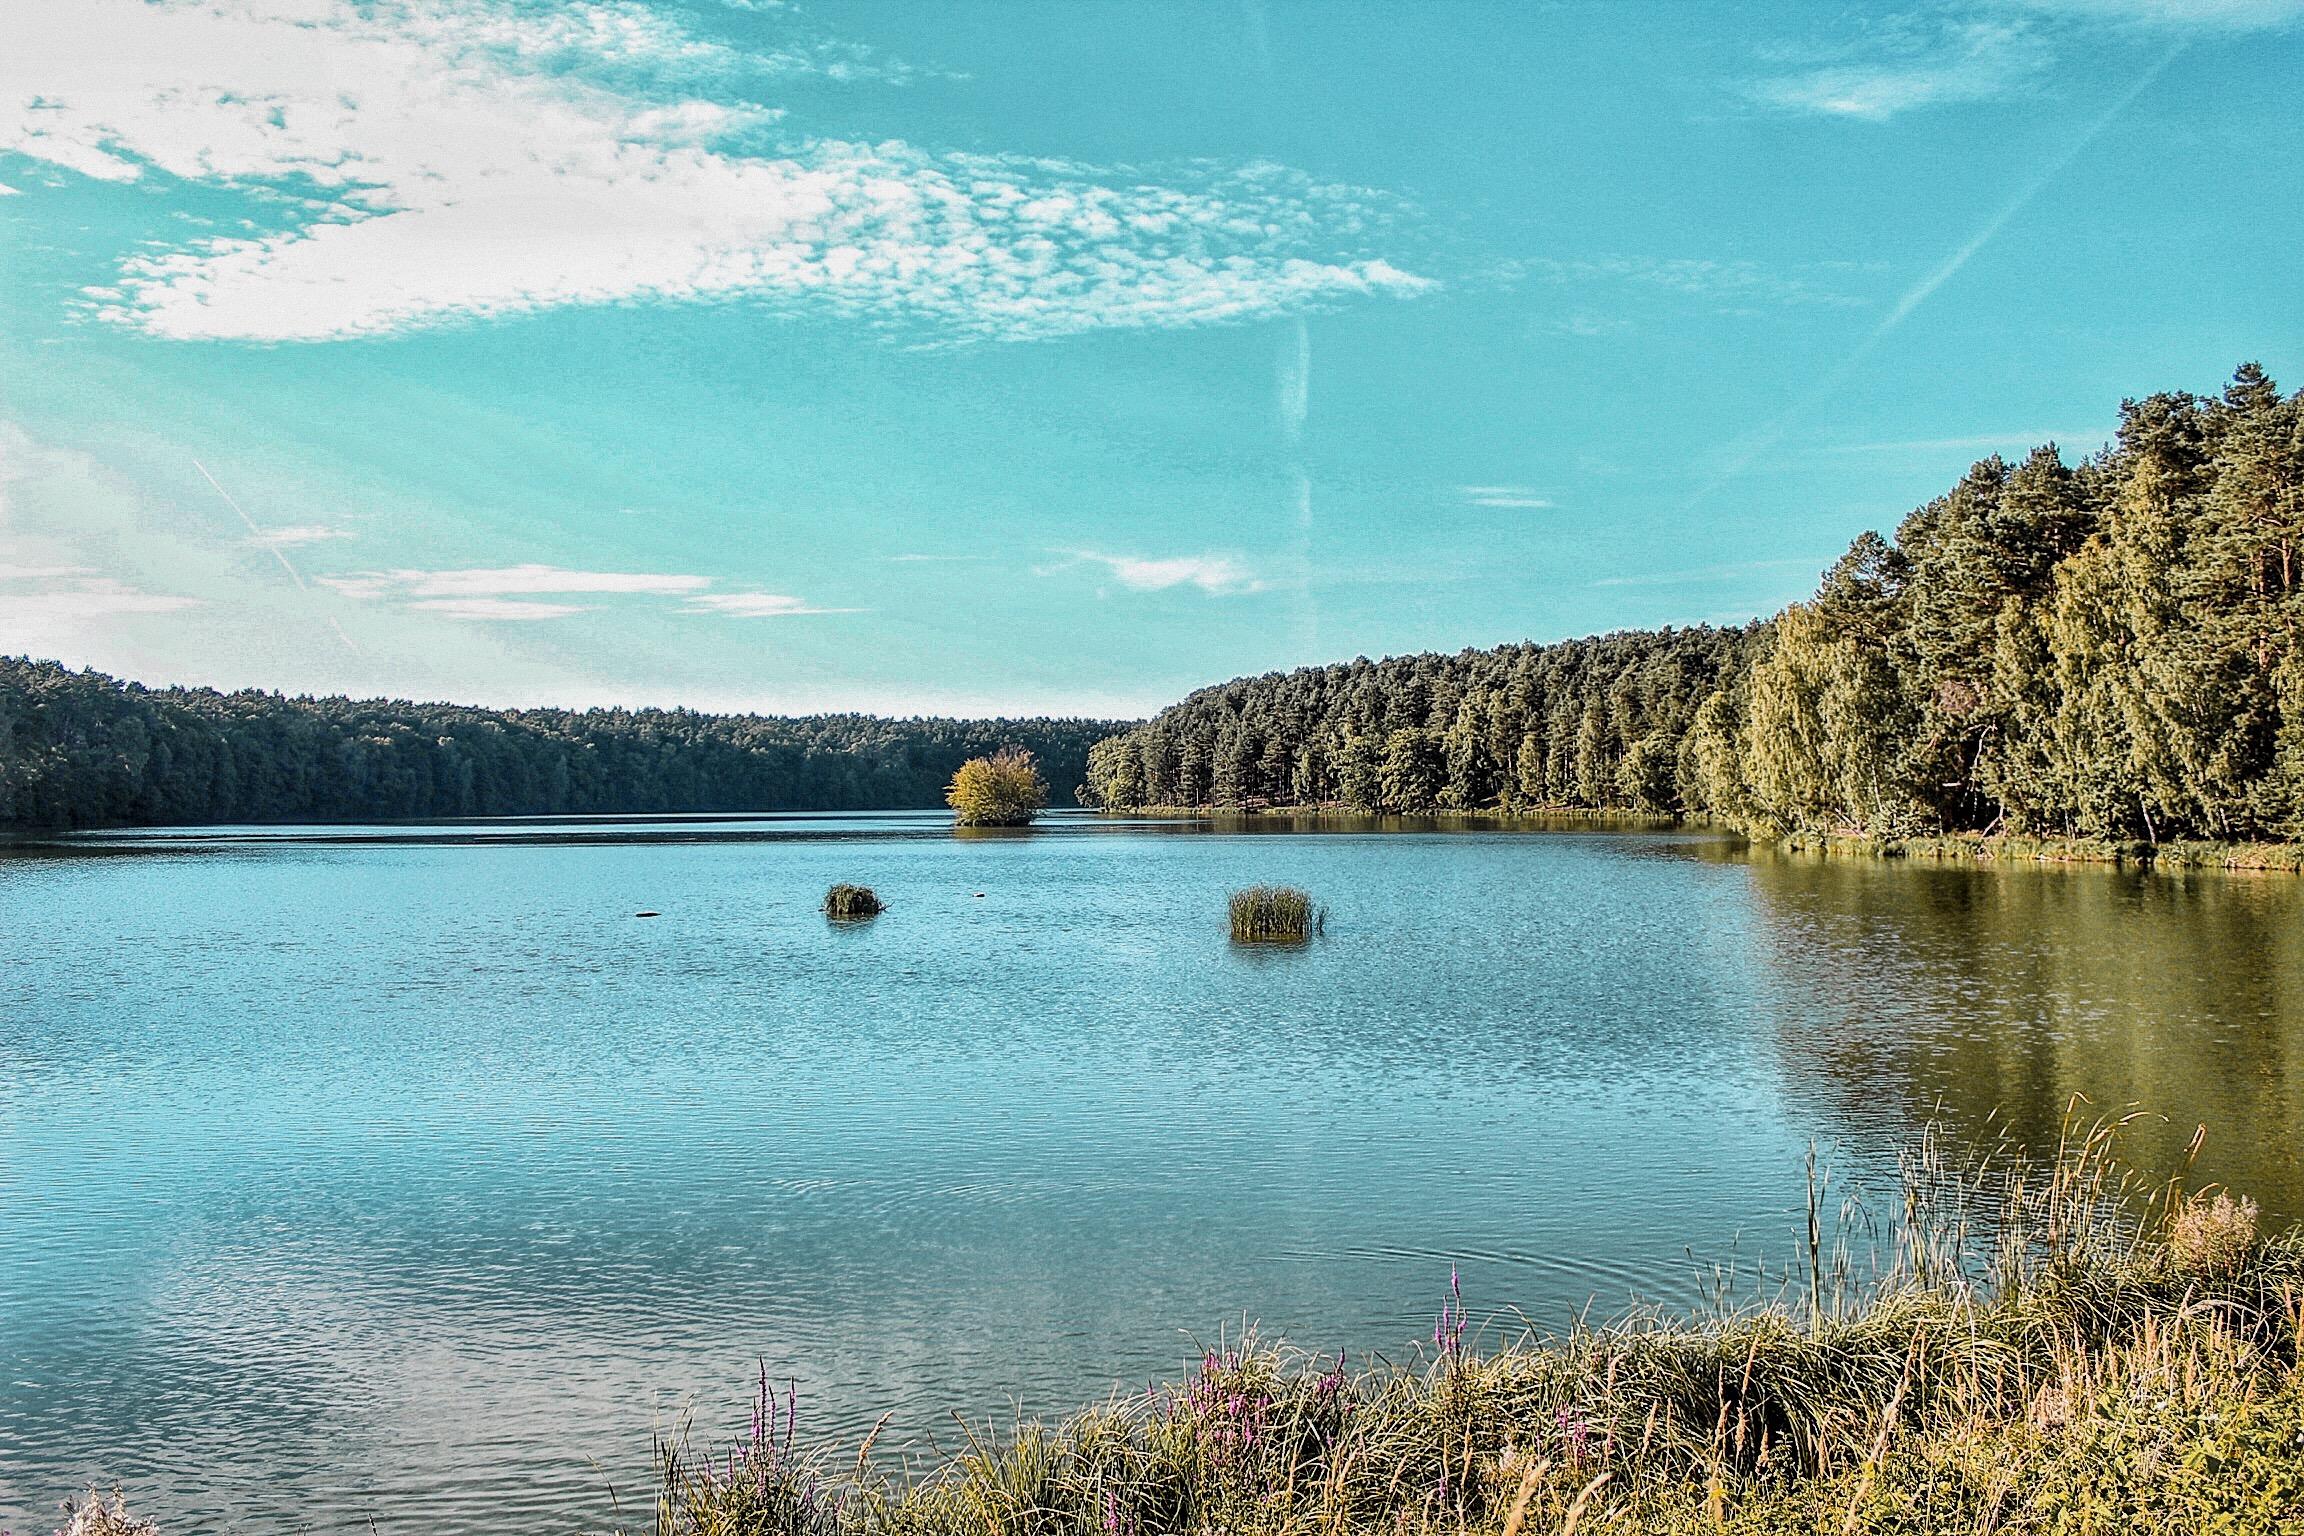 lifesthayle-wielkopolska-jezioro-lawickie.JPG